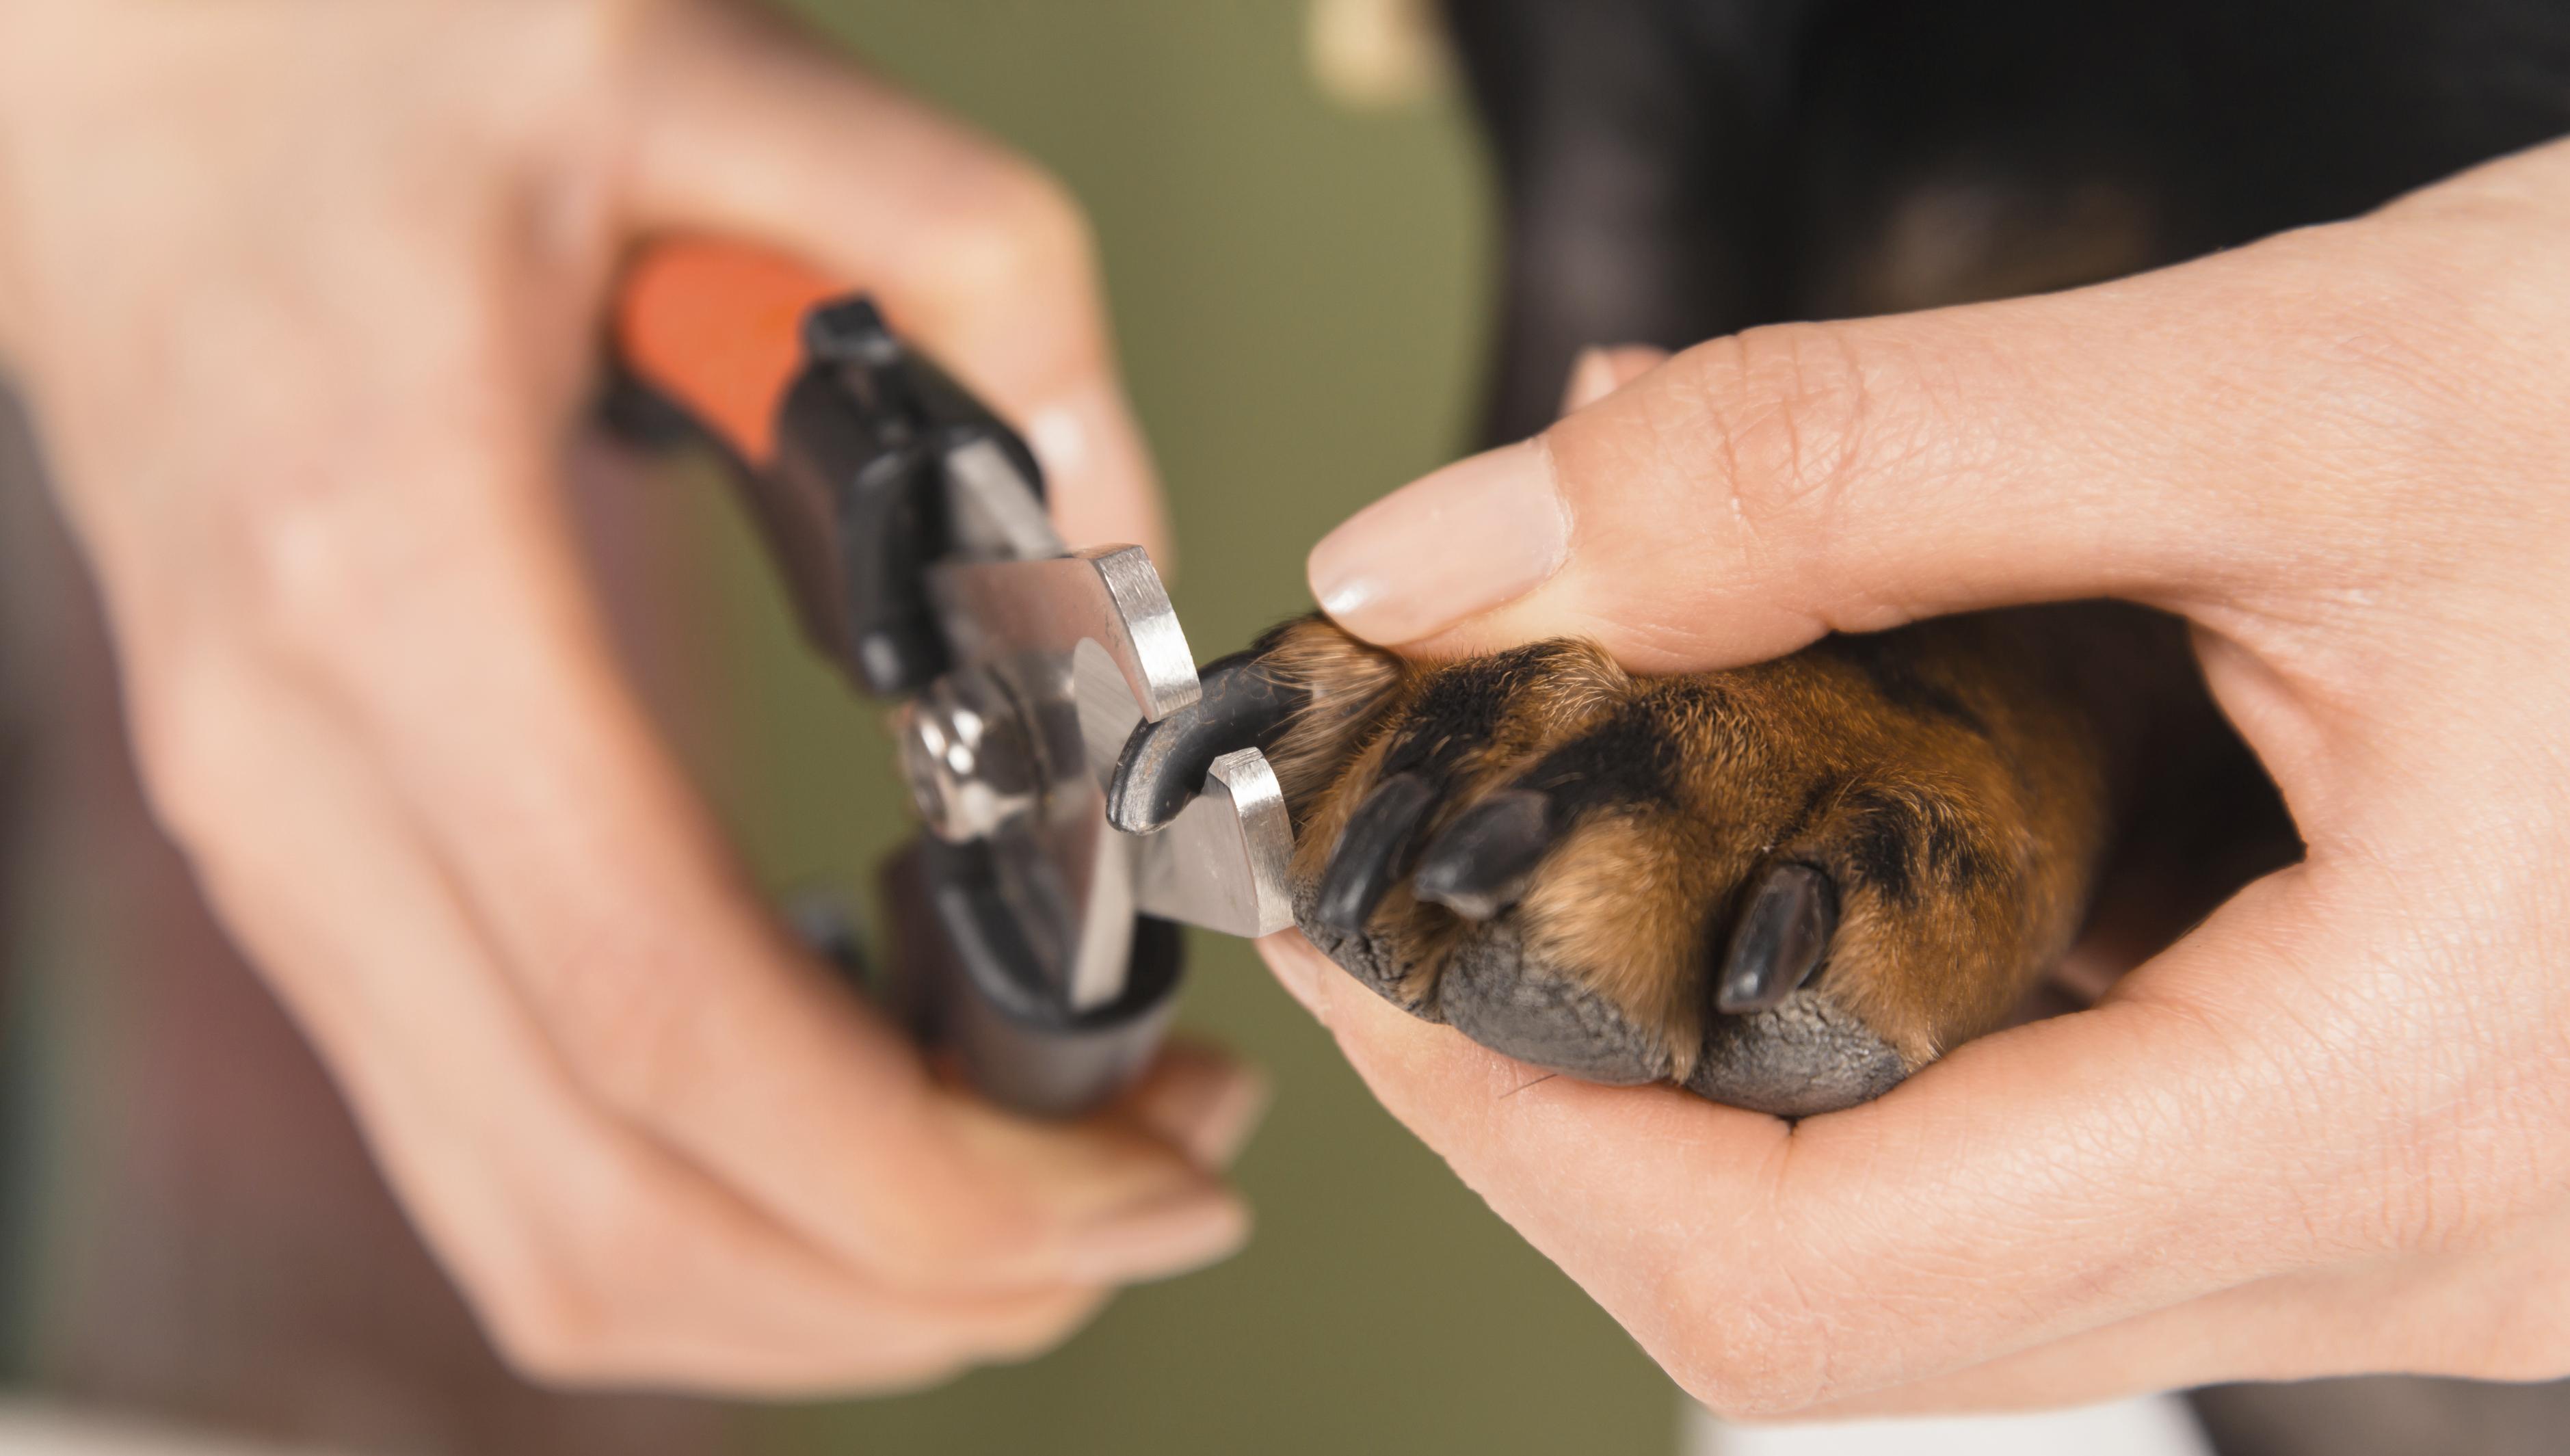 Porque cortar as unhas do pet?